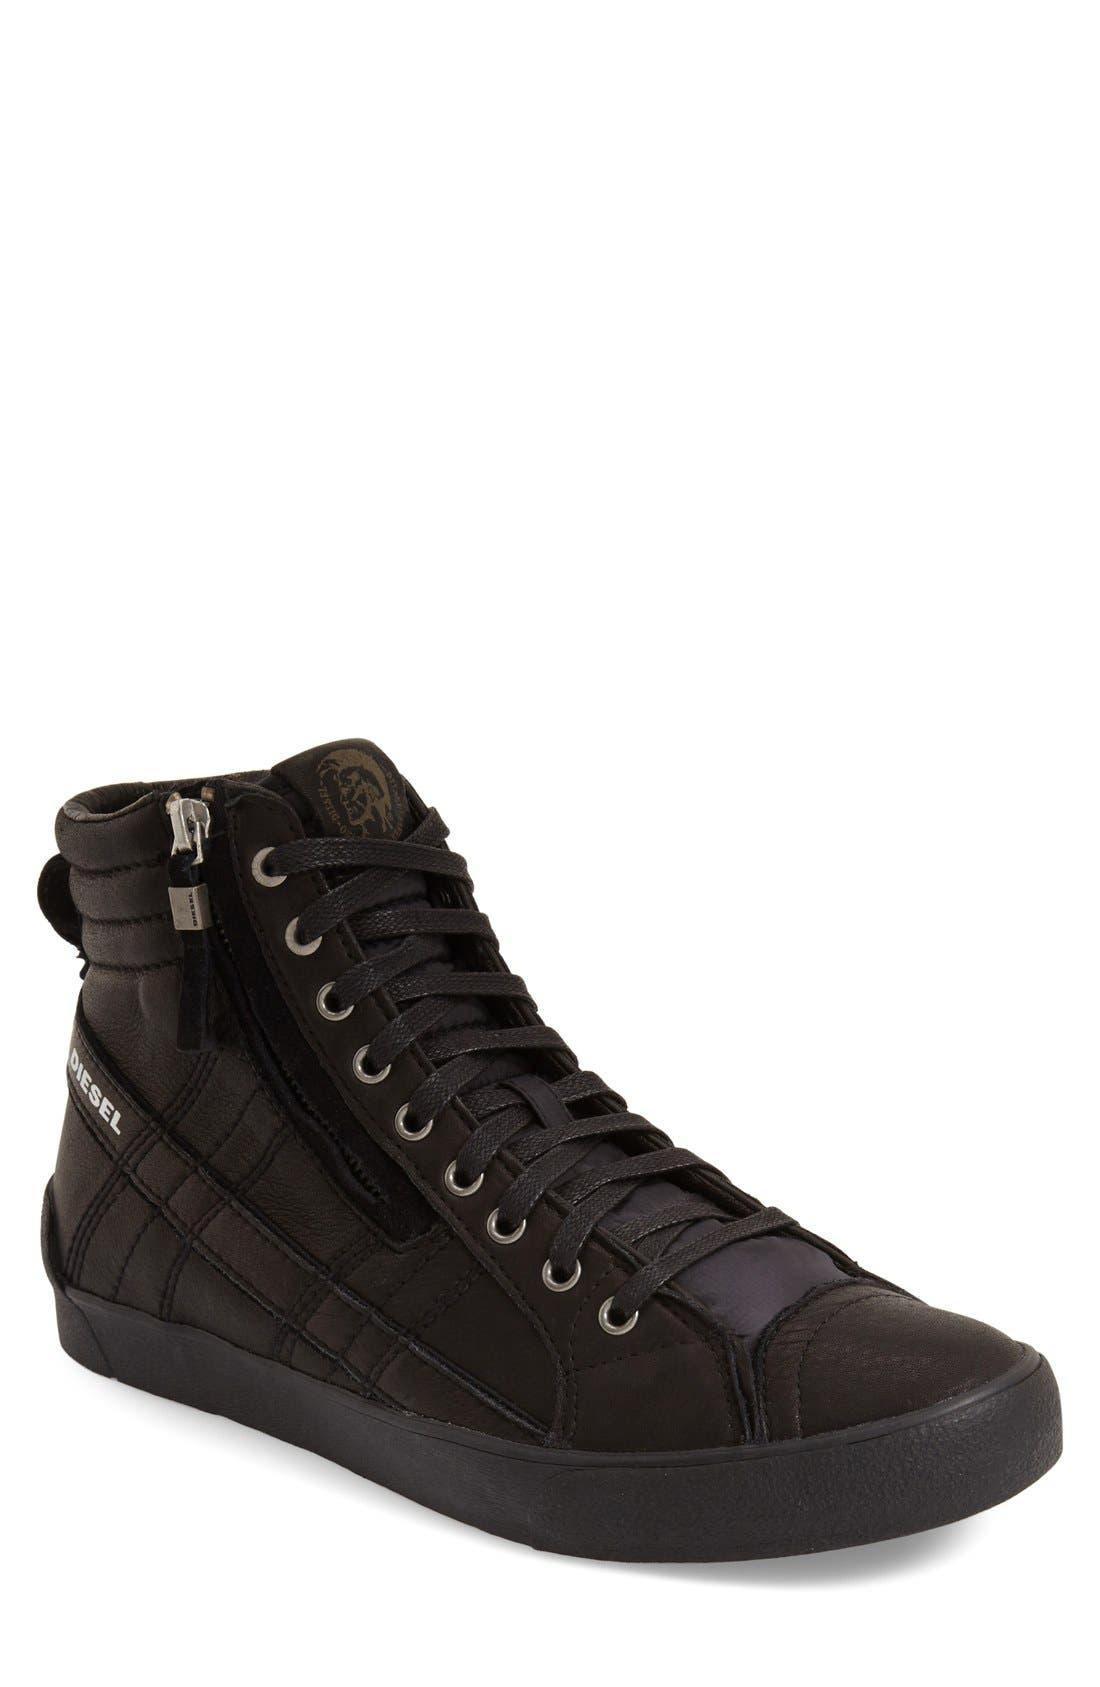 Alternate Image 1 Selected - DIESEL® 'D-Velows D-String' Sneaker